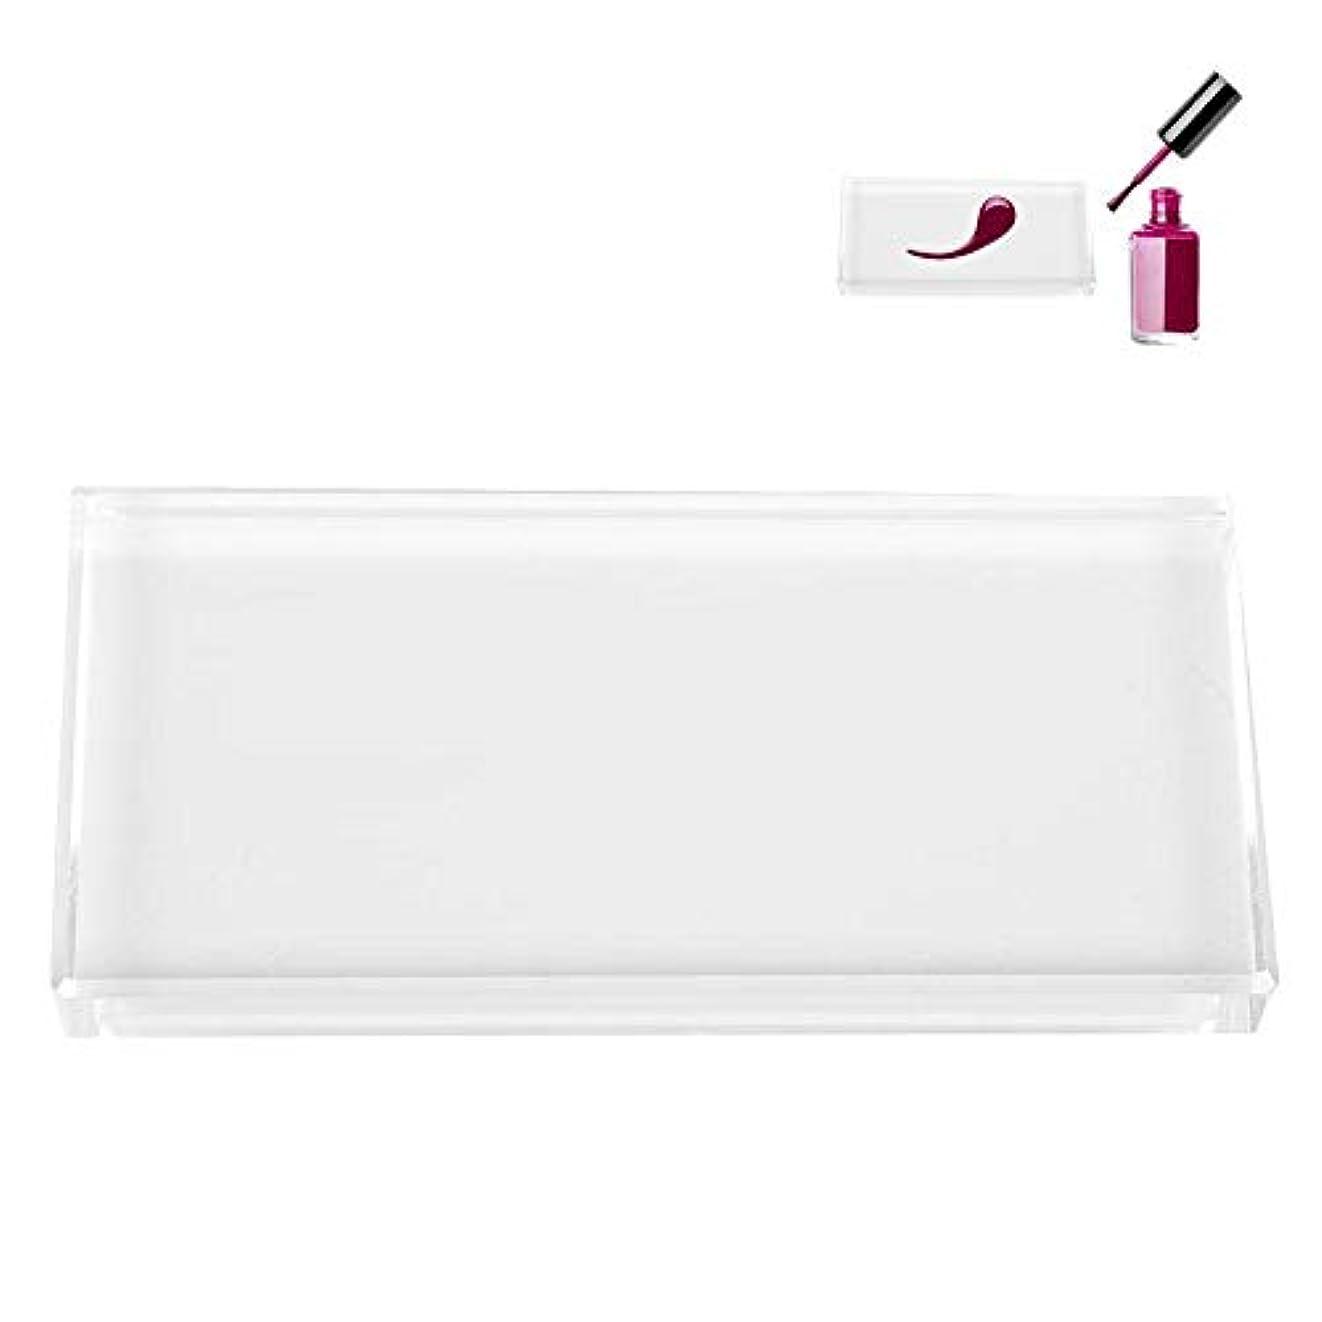 ネイルパレット、ネイルアートパレット ネイルポリッシュプレゼンテーションプレート 透明ガラス 色塗料トレイ ネイルDIYツール(01)